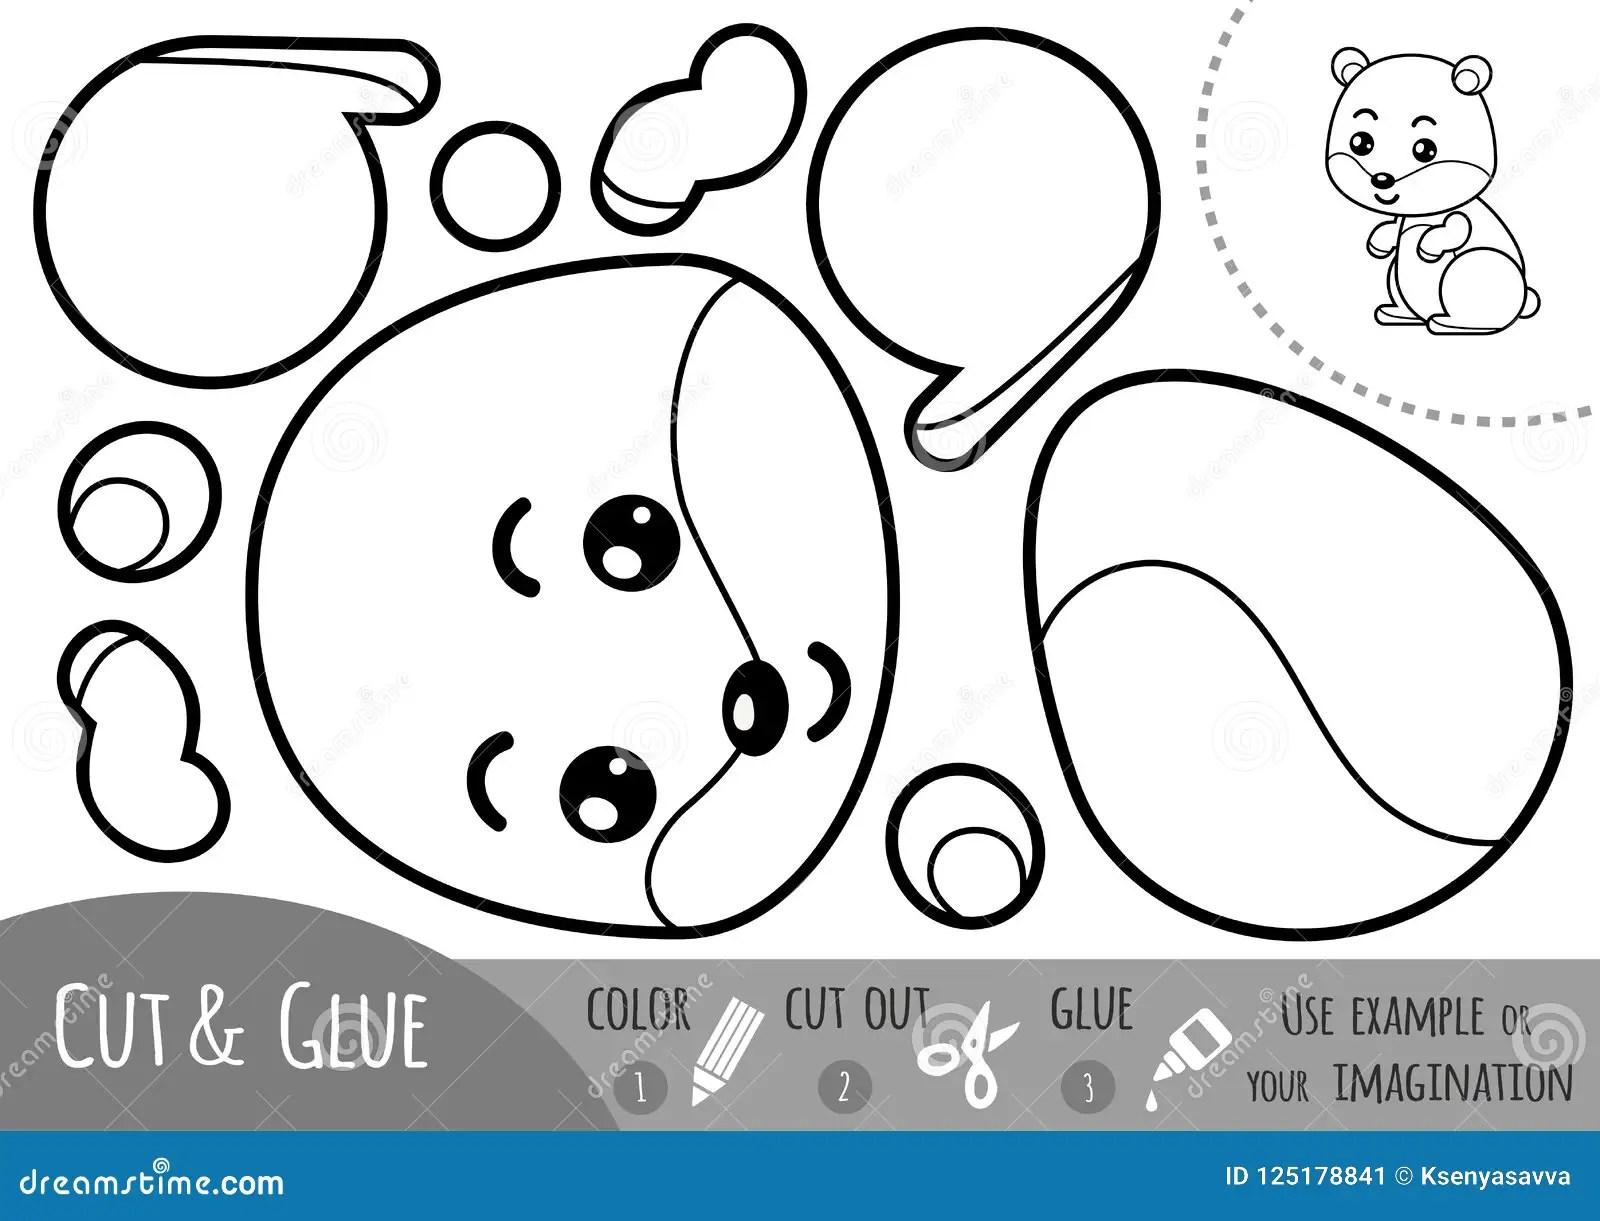 Education Paper Game For Children Hamster Stock Vector